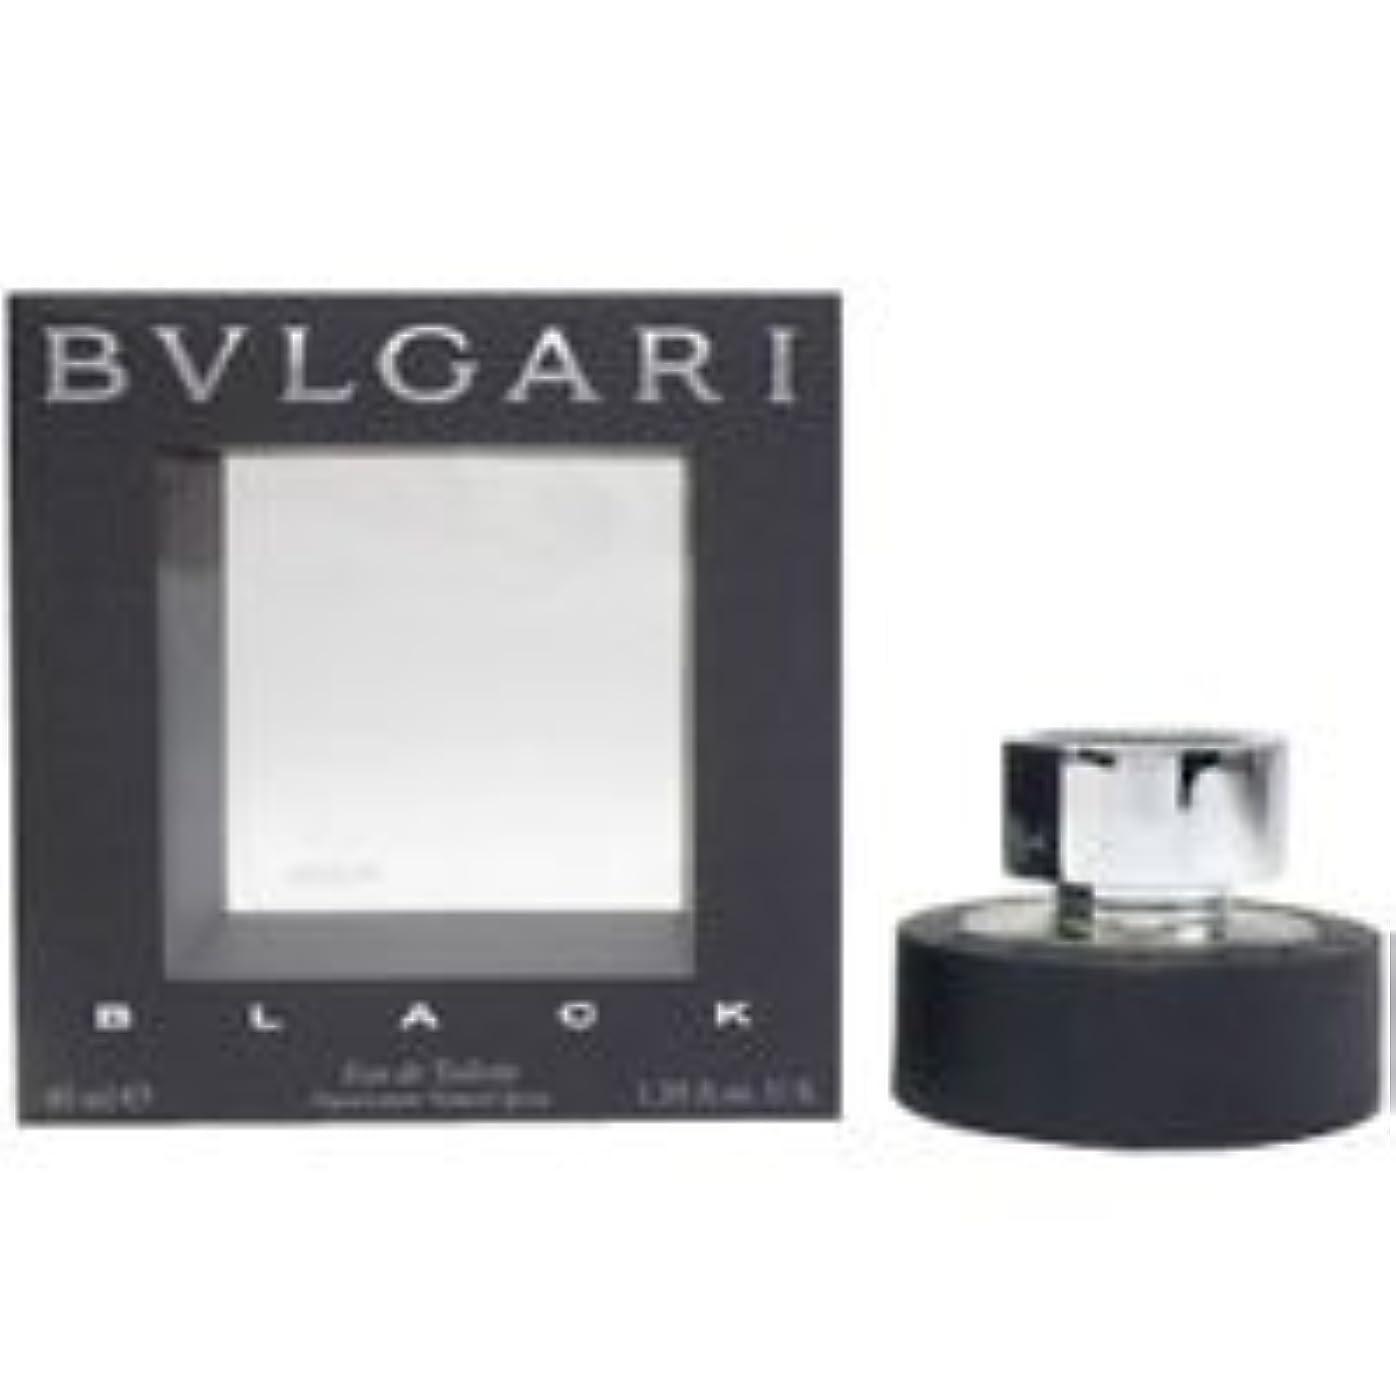 不快な閉塞しかしブルガリ BVLGARI ブラック EDT SP 40ml